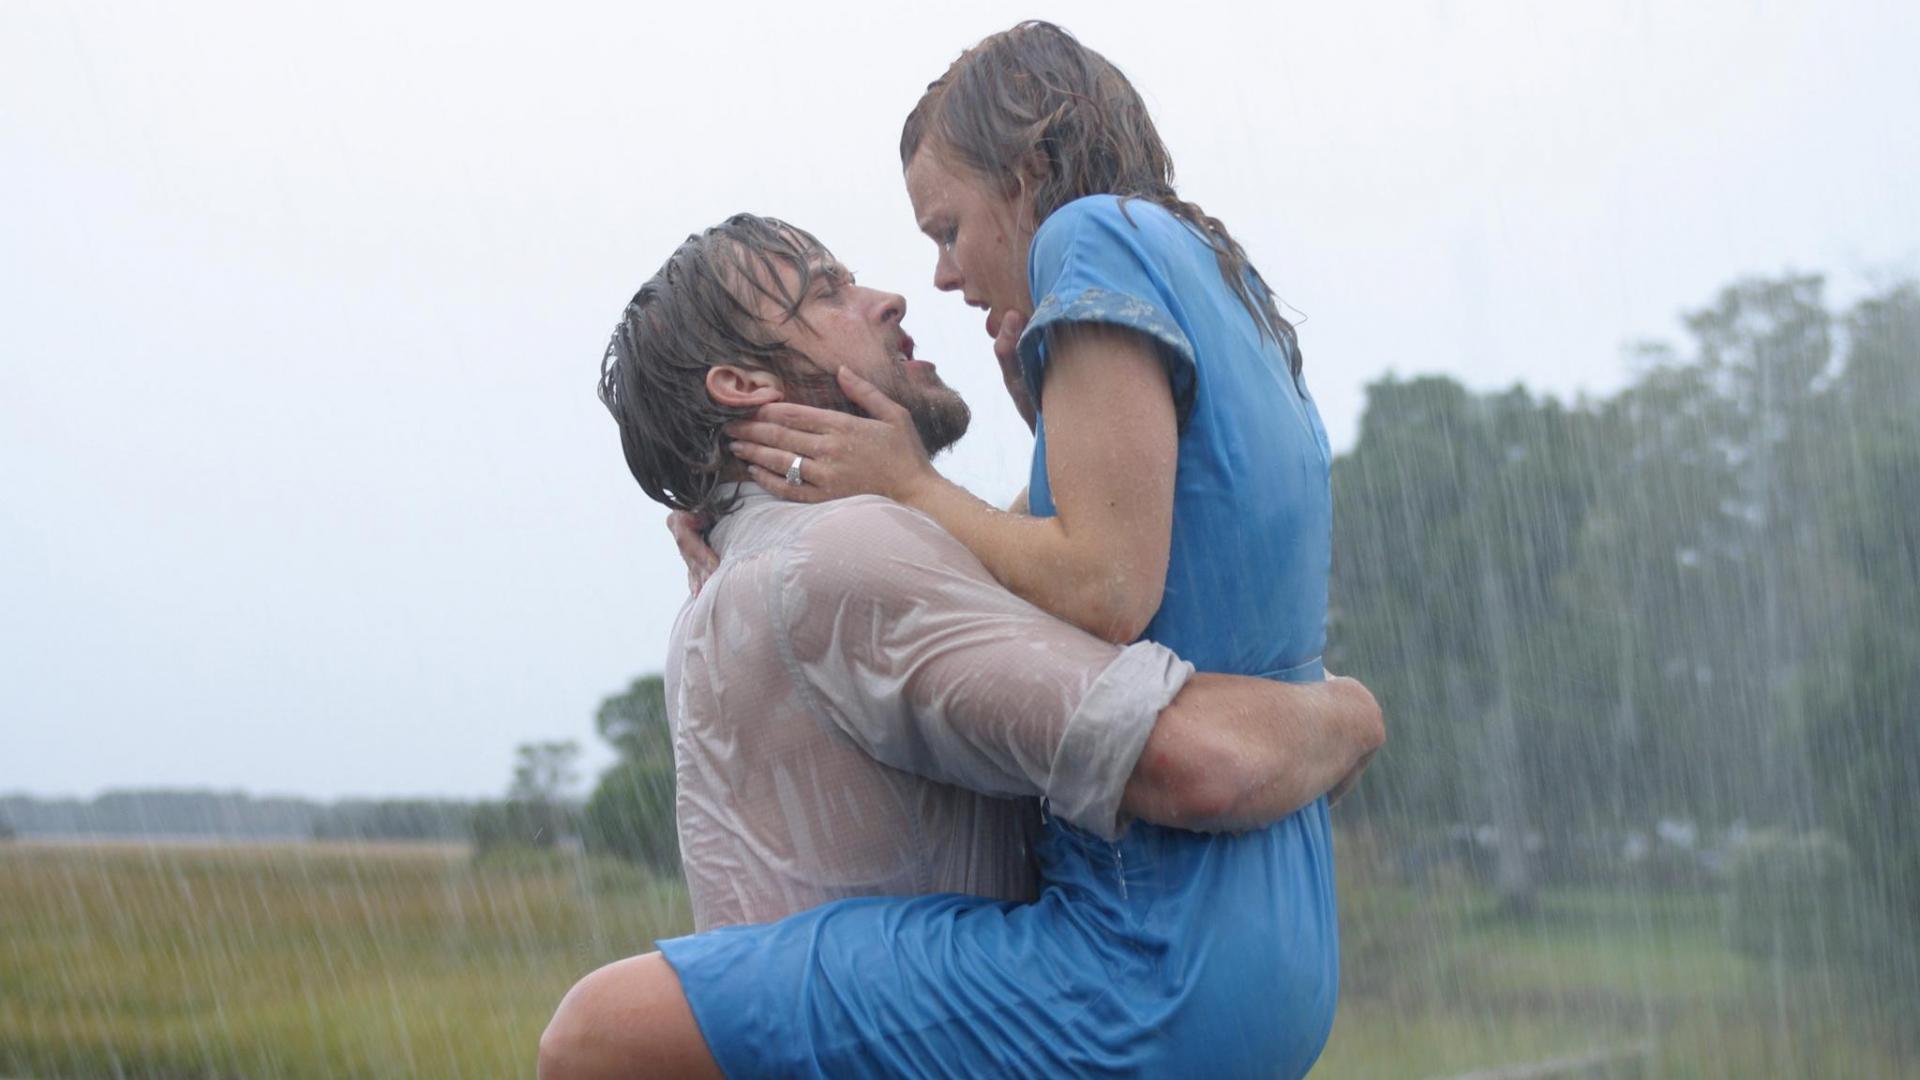 phim tình cảm The Notebook